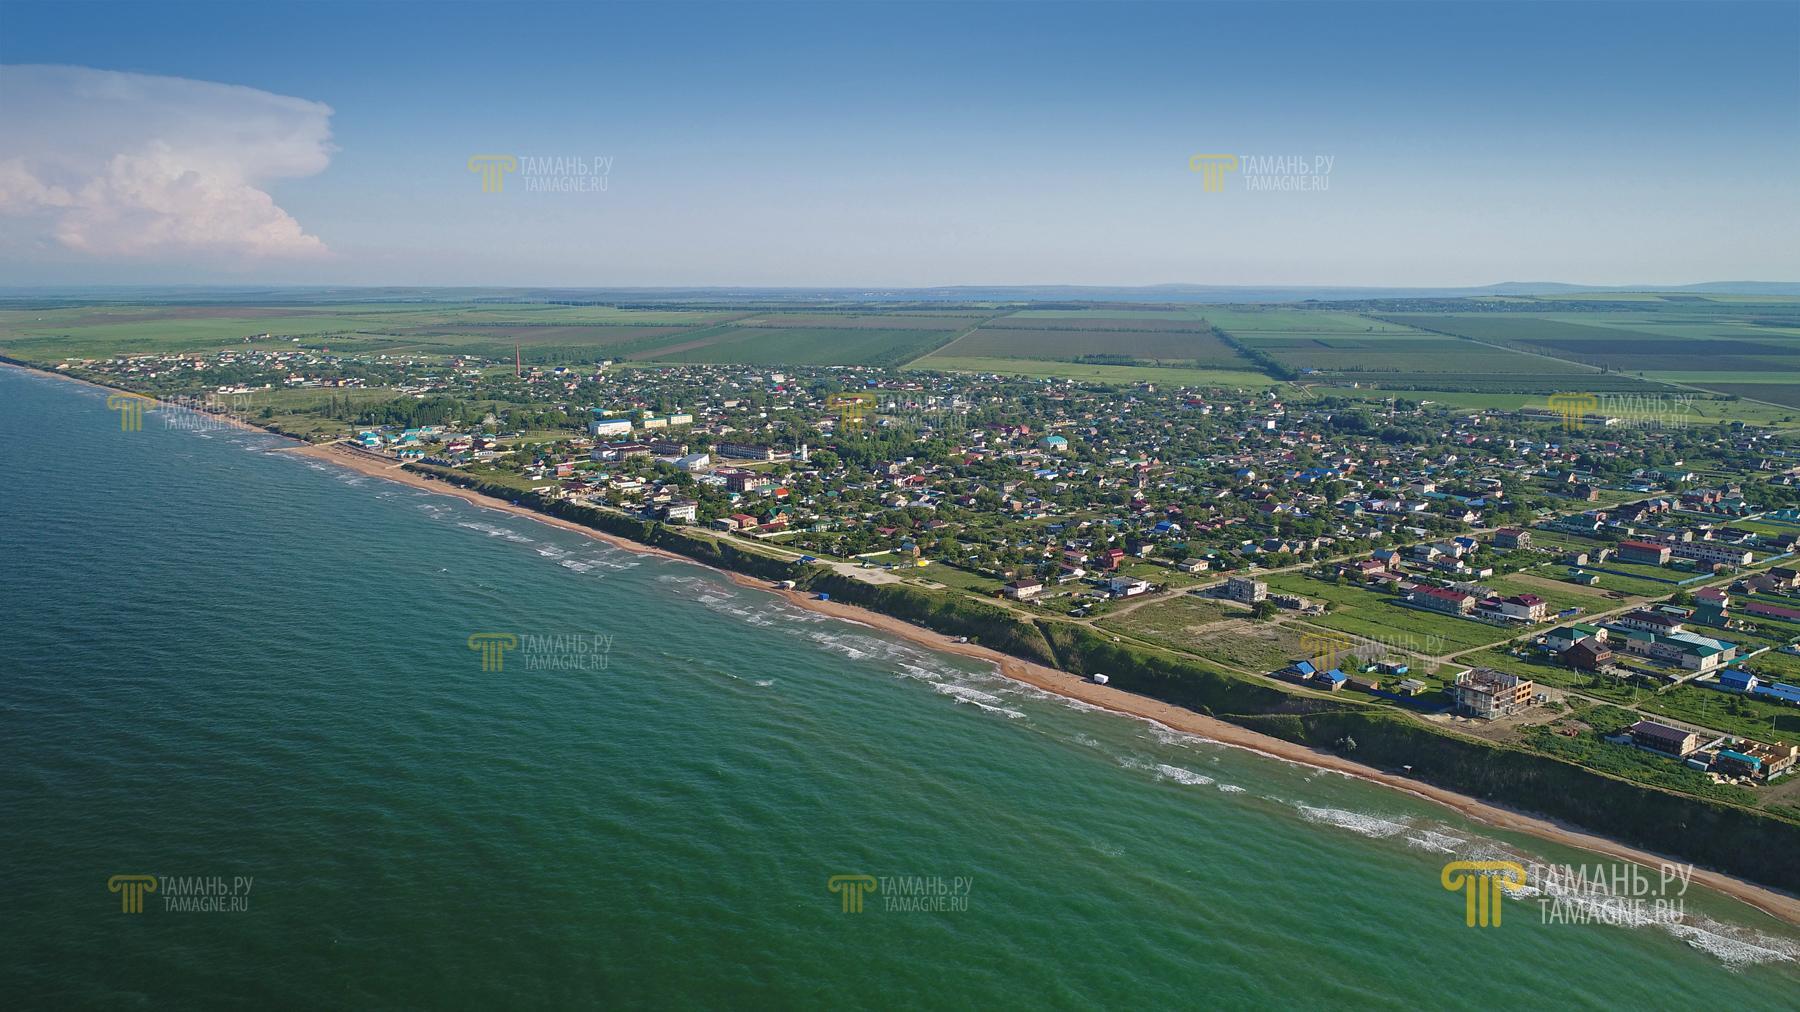 Кучугуры фото поселка и пляжа в 2018 году цены